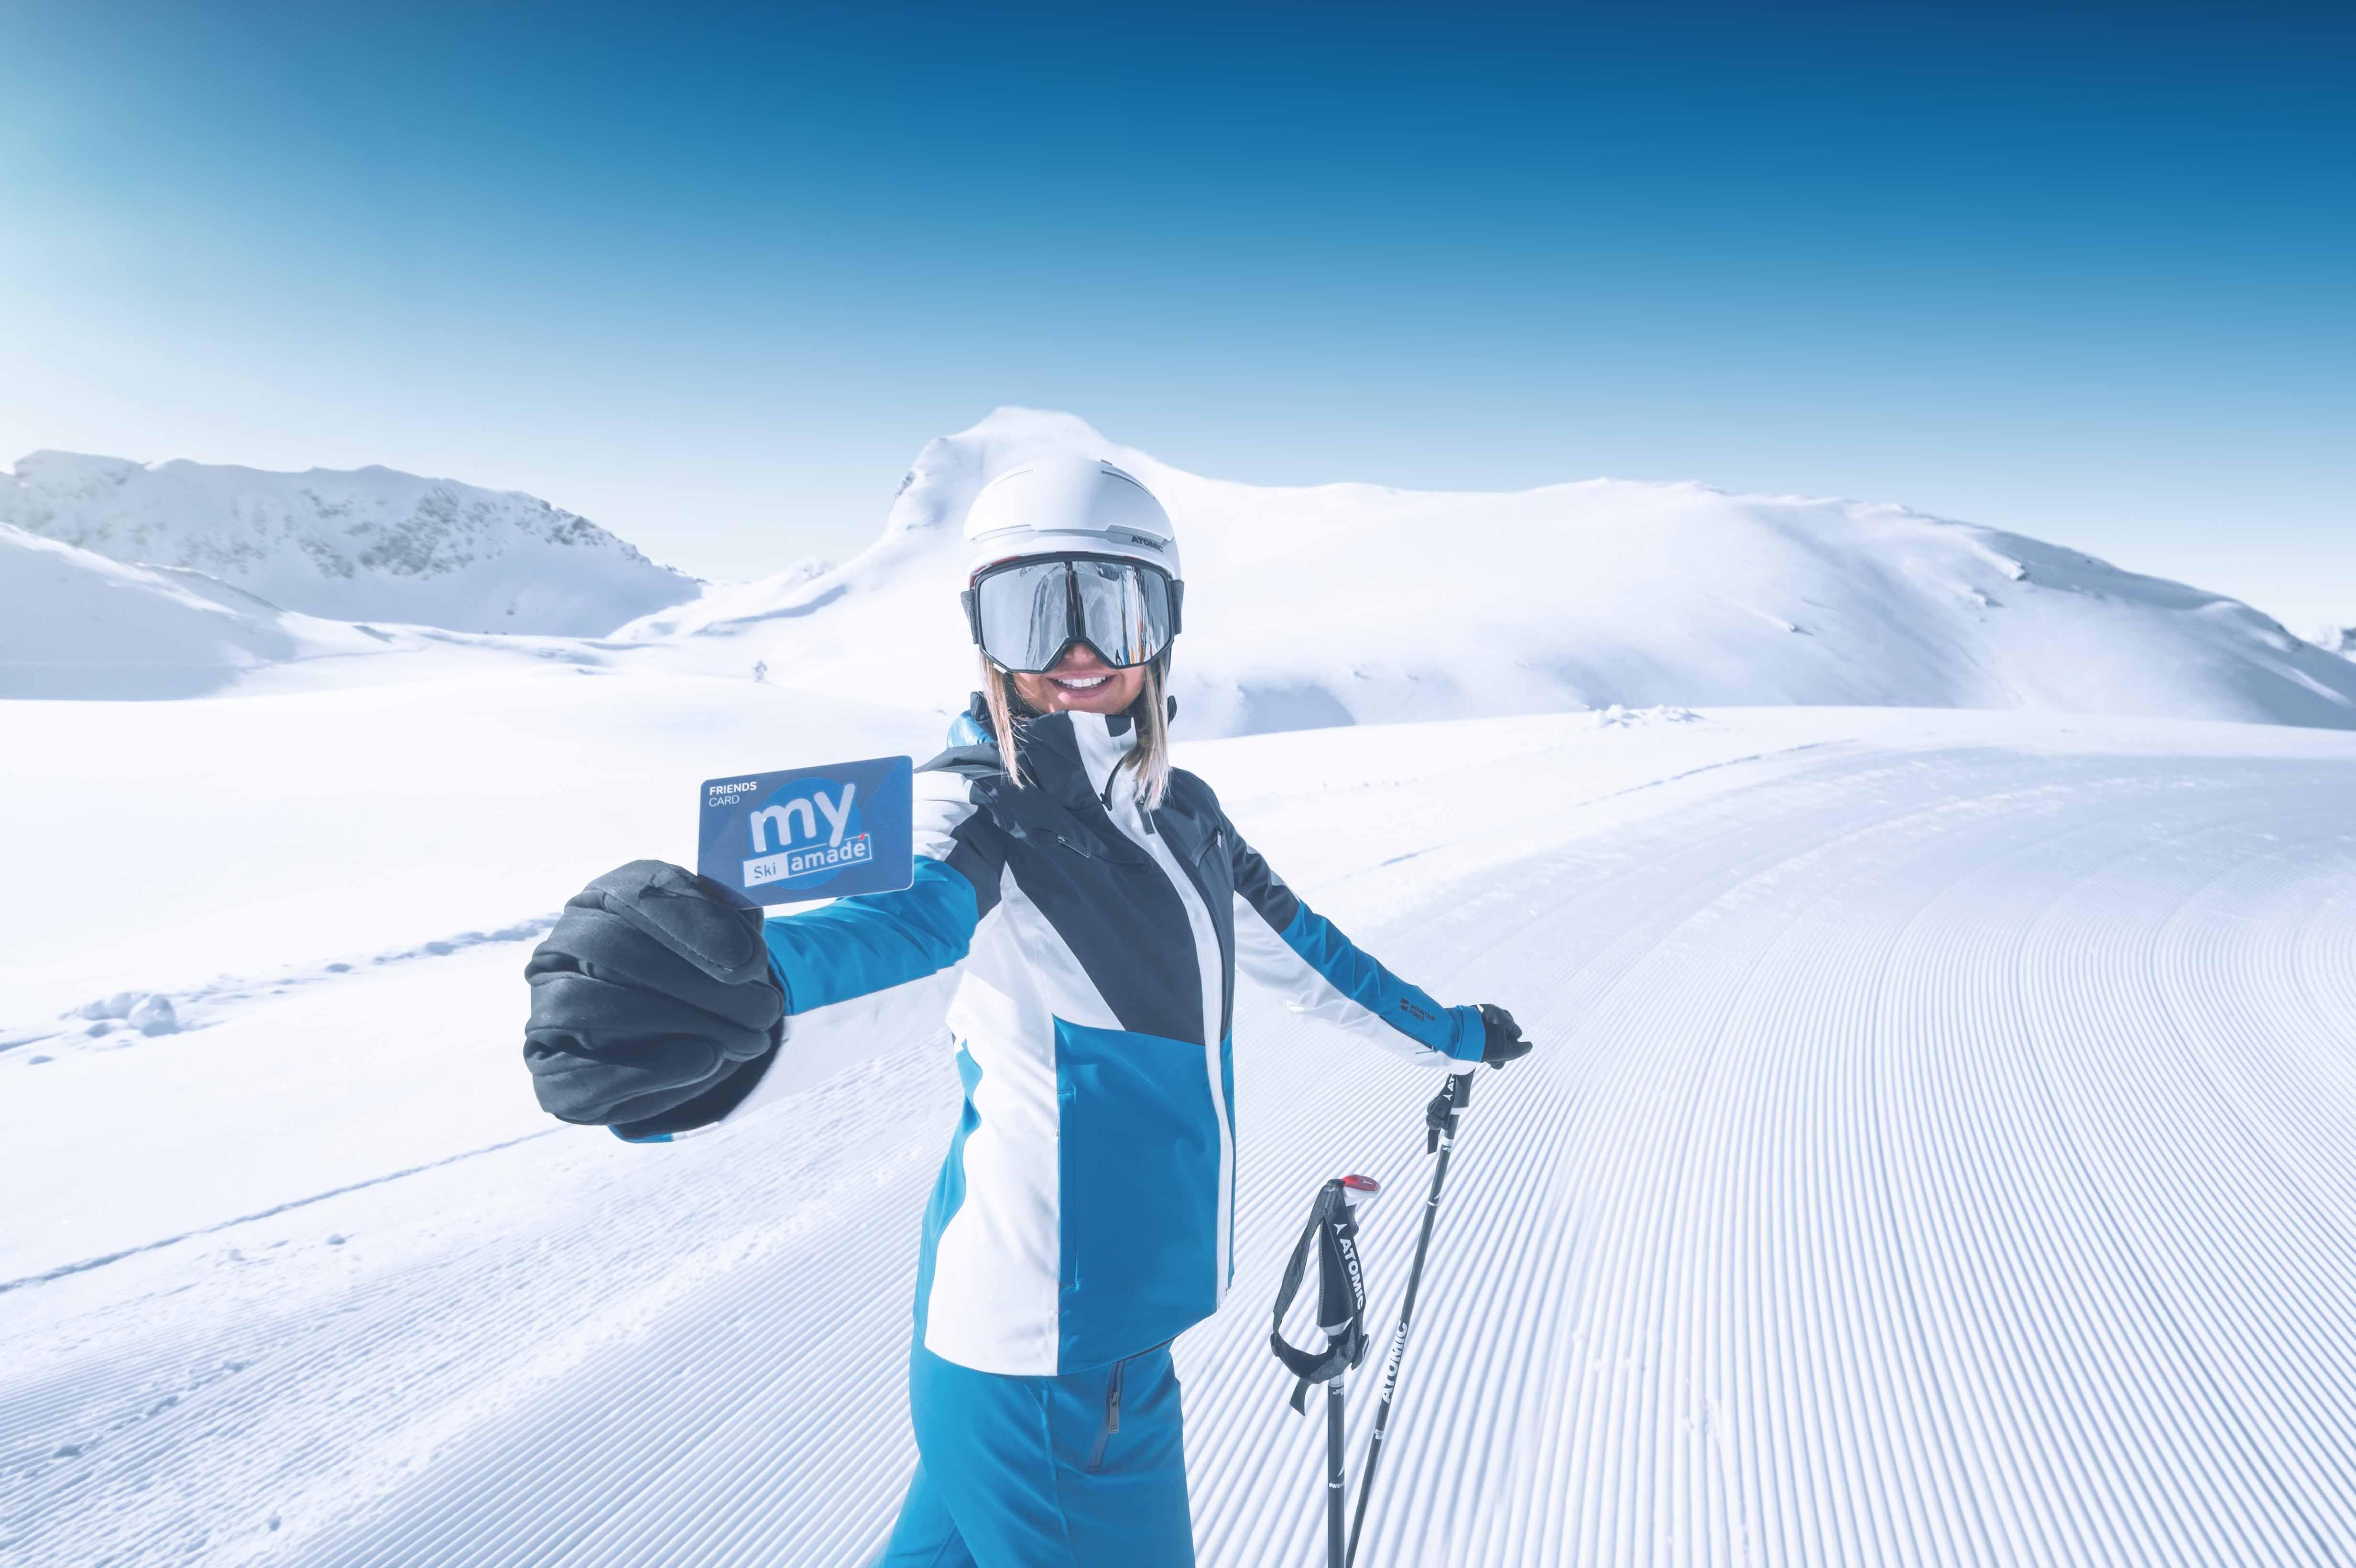 skiing in Ski amadé